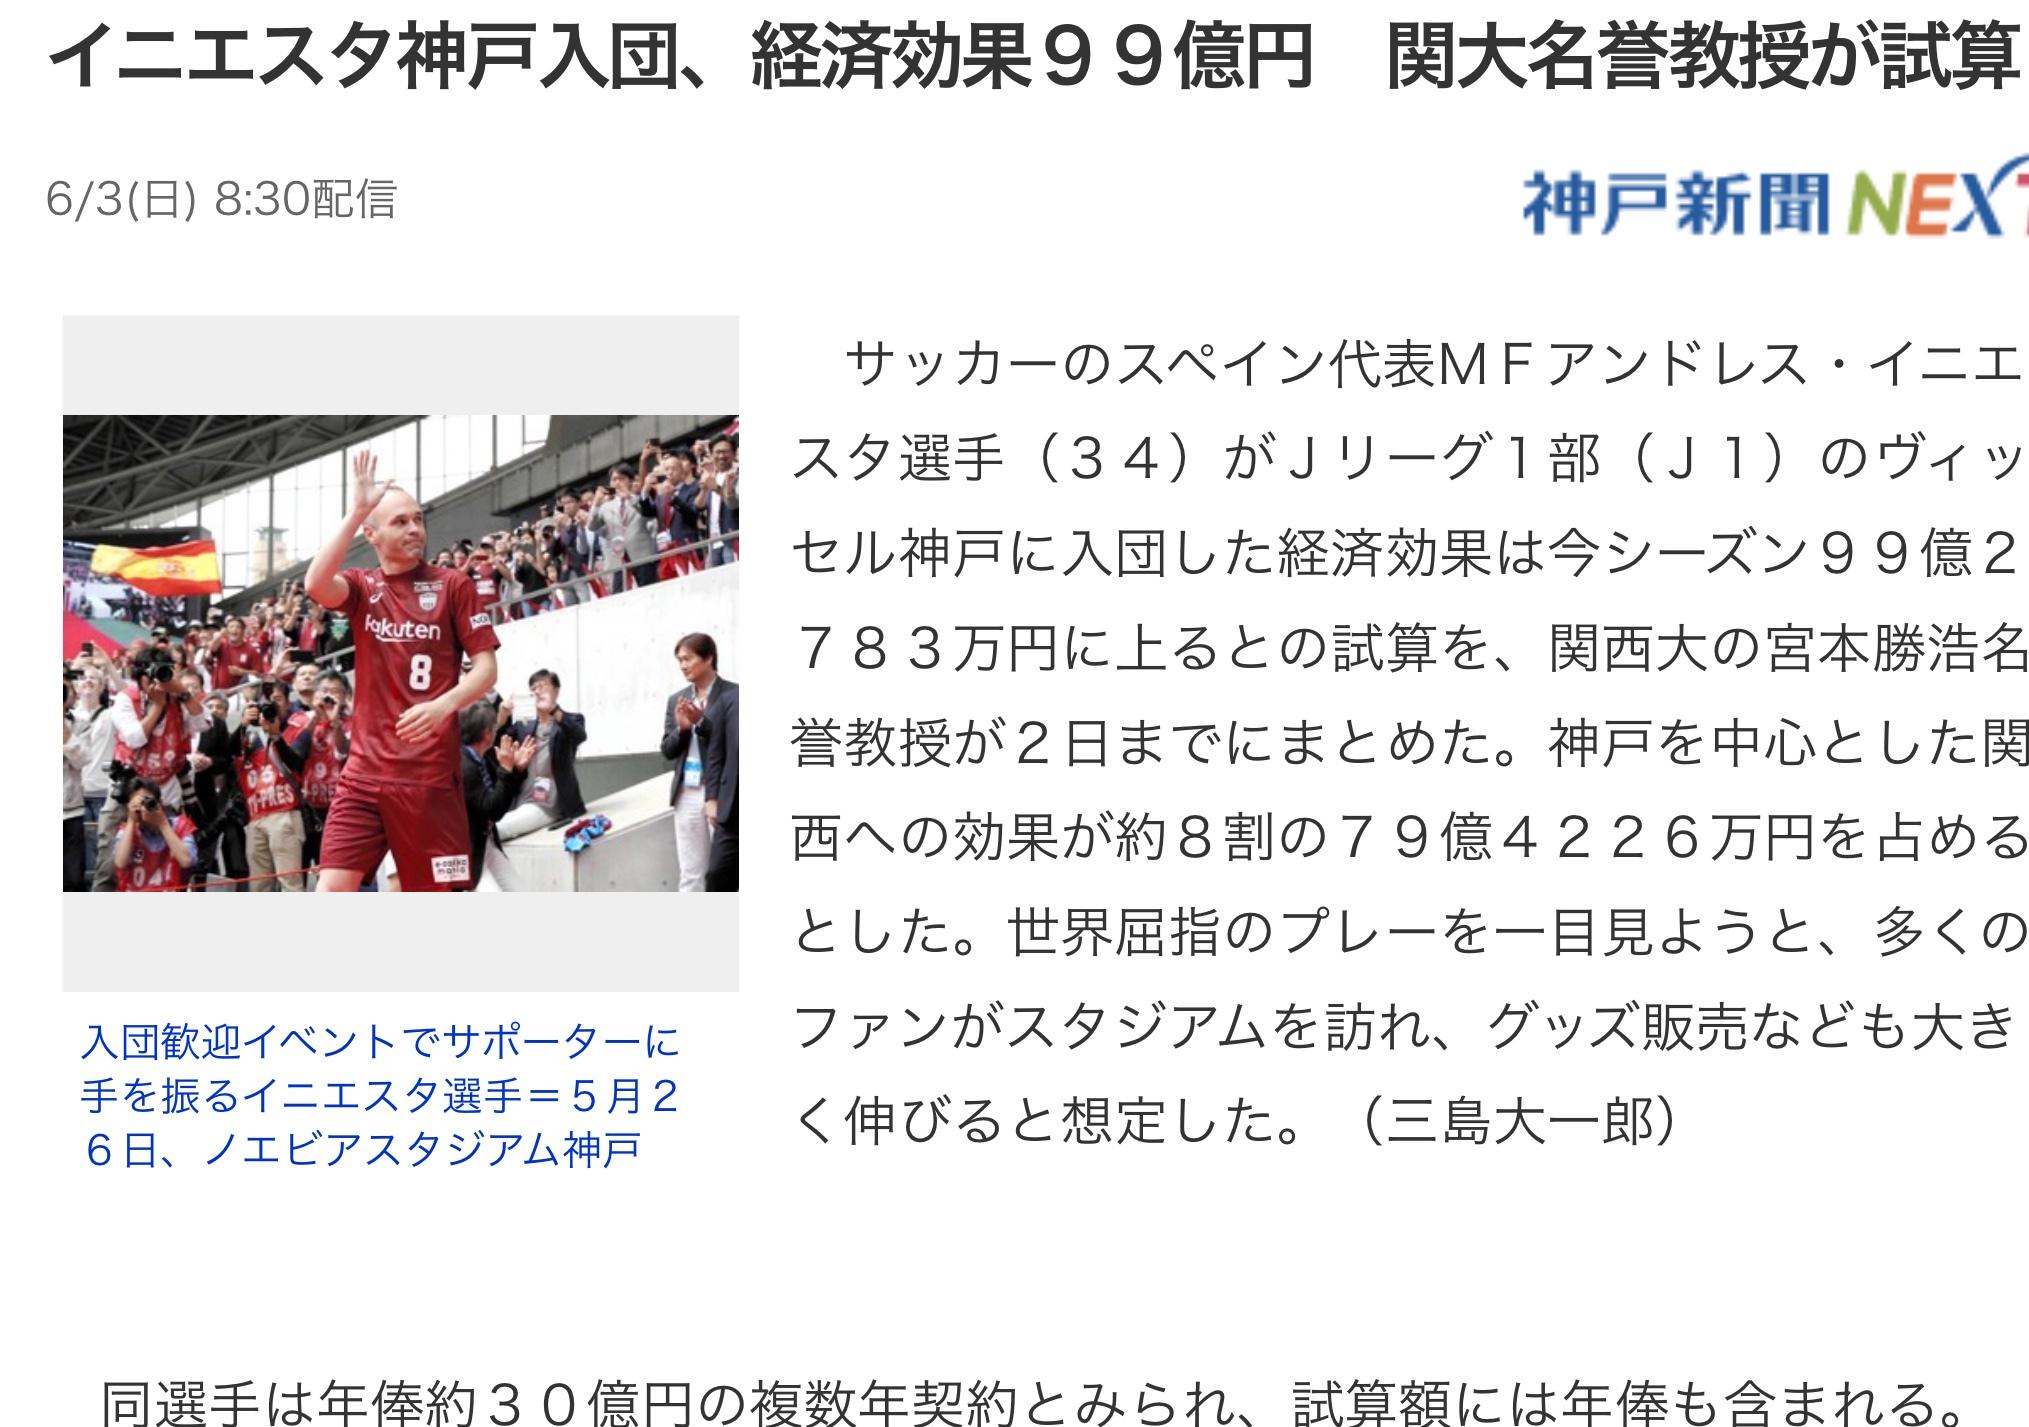 亚博:伊涅斯塔赴J联赛创收近百亿日元 促日本足球发展